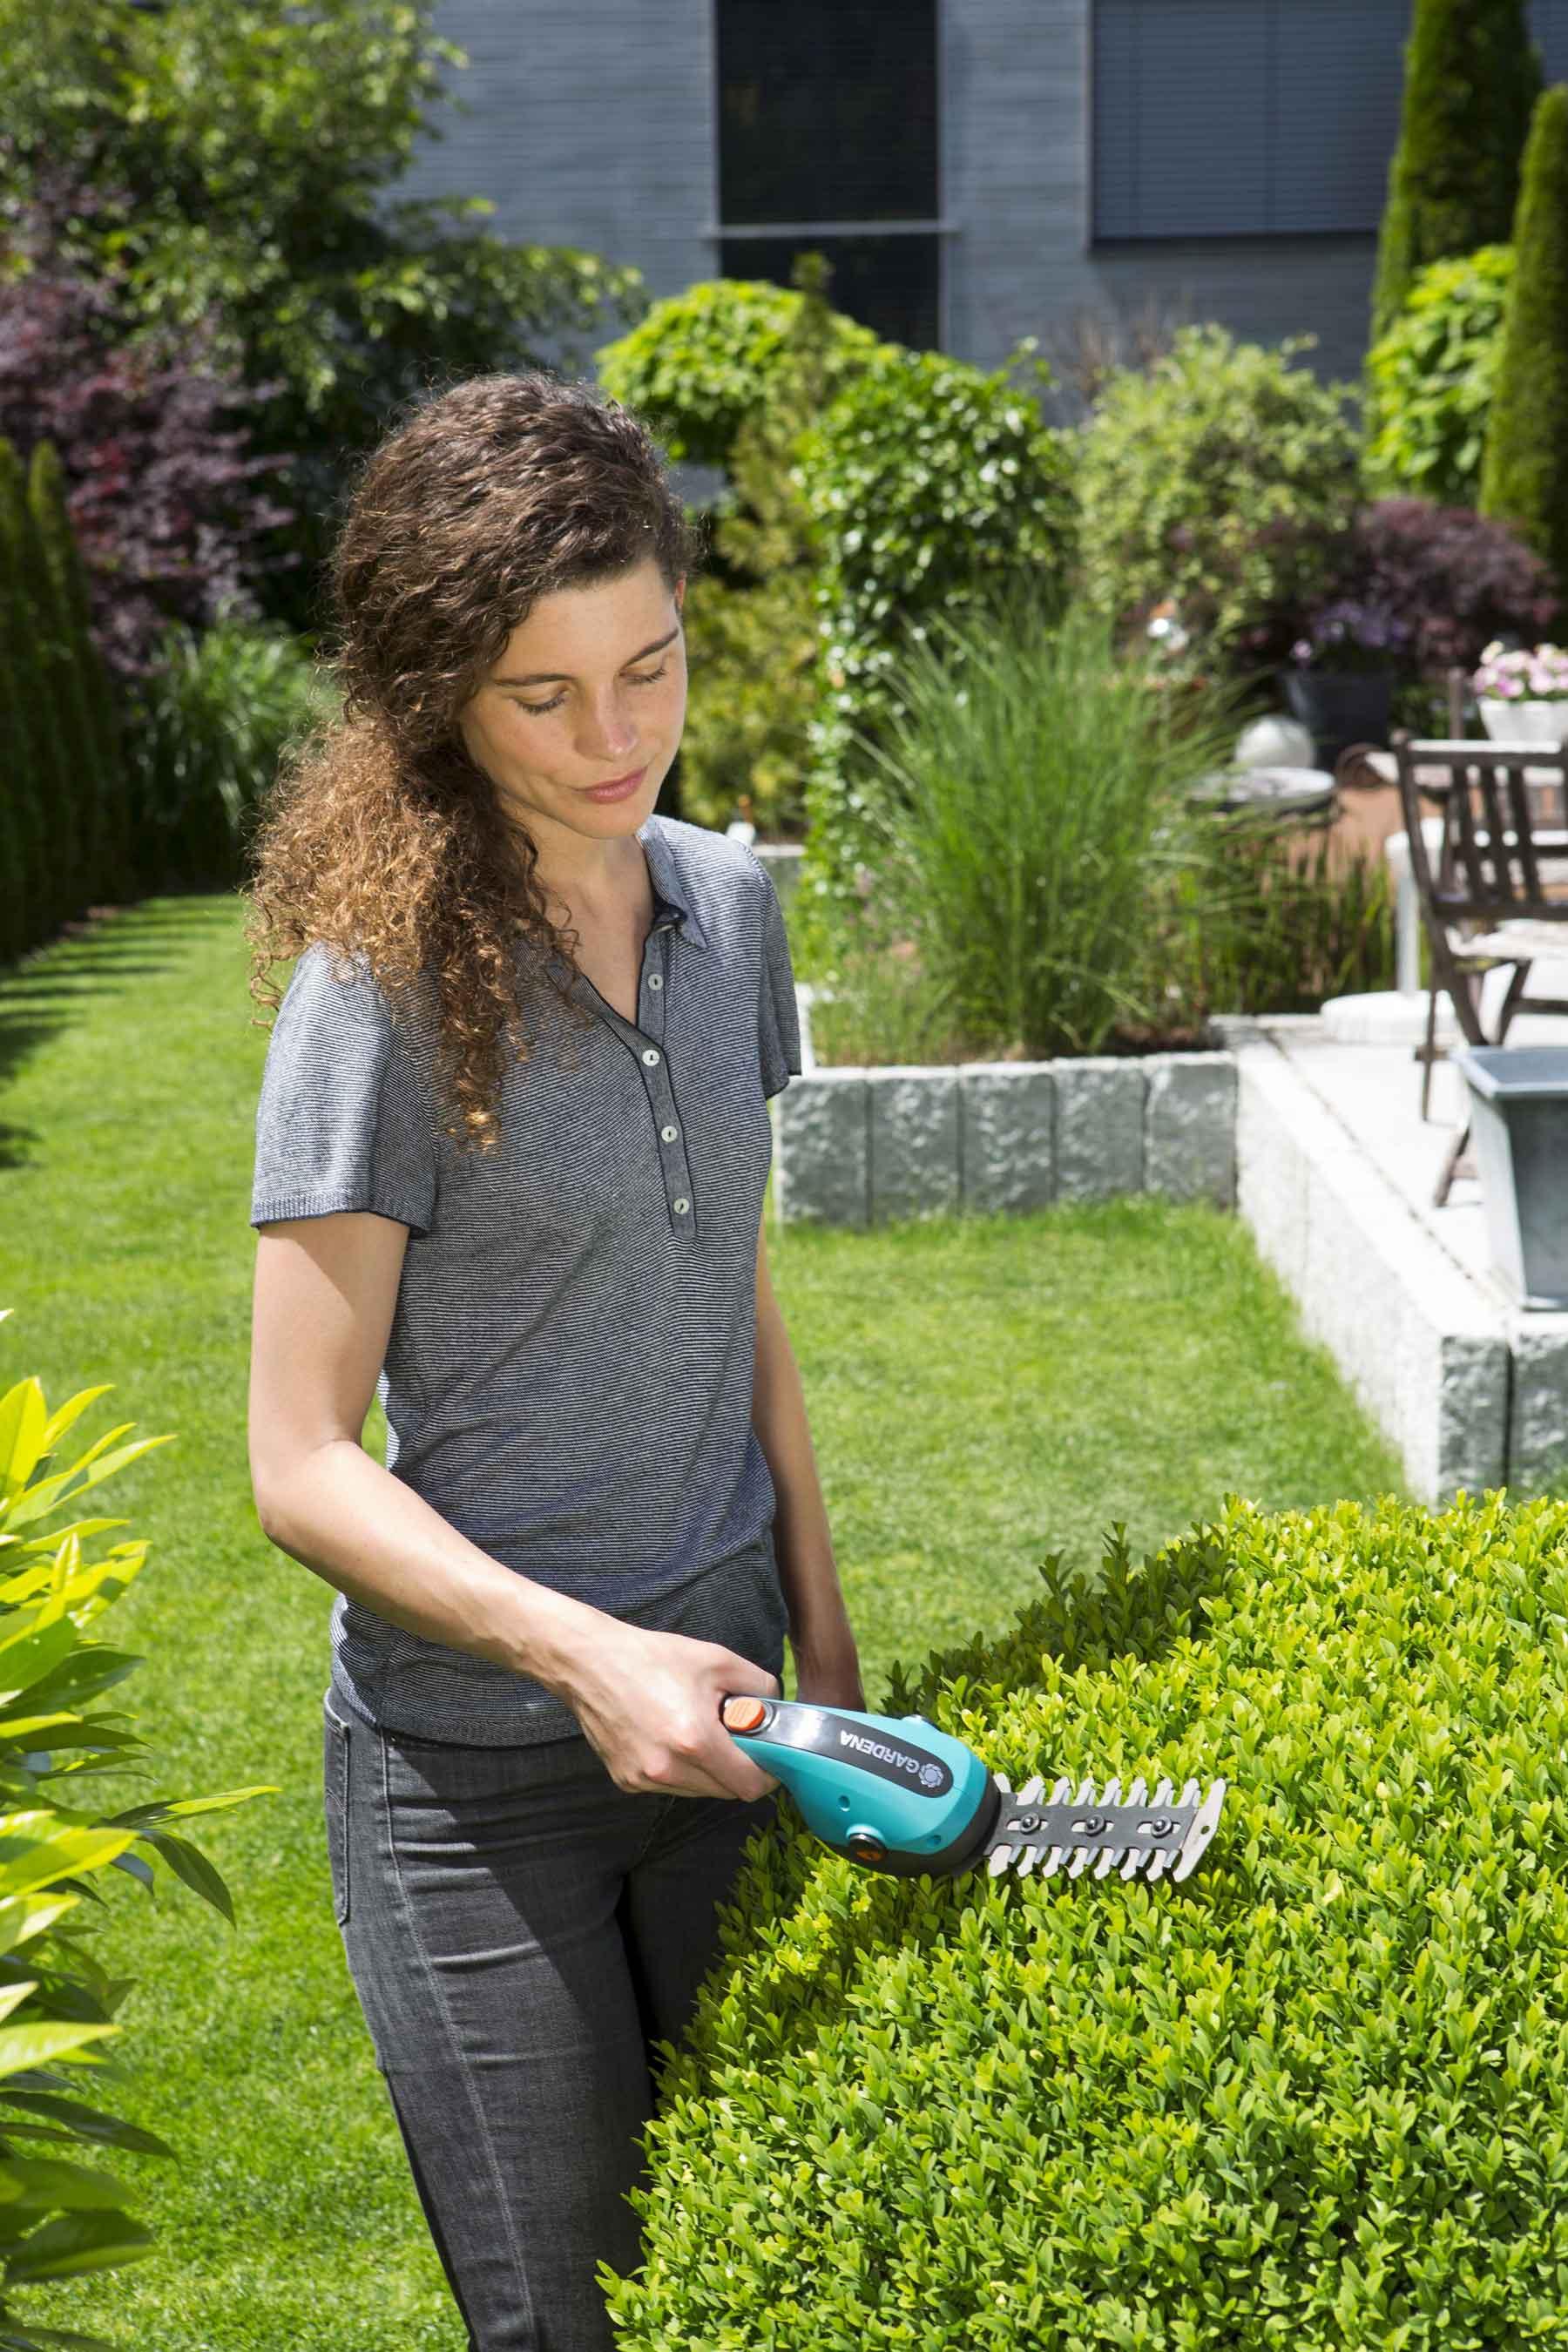 Gardena Set Akku-Gras- und Strauchschere ClassicCut 09854-20 Bild 2